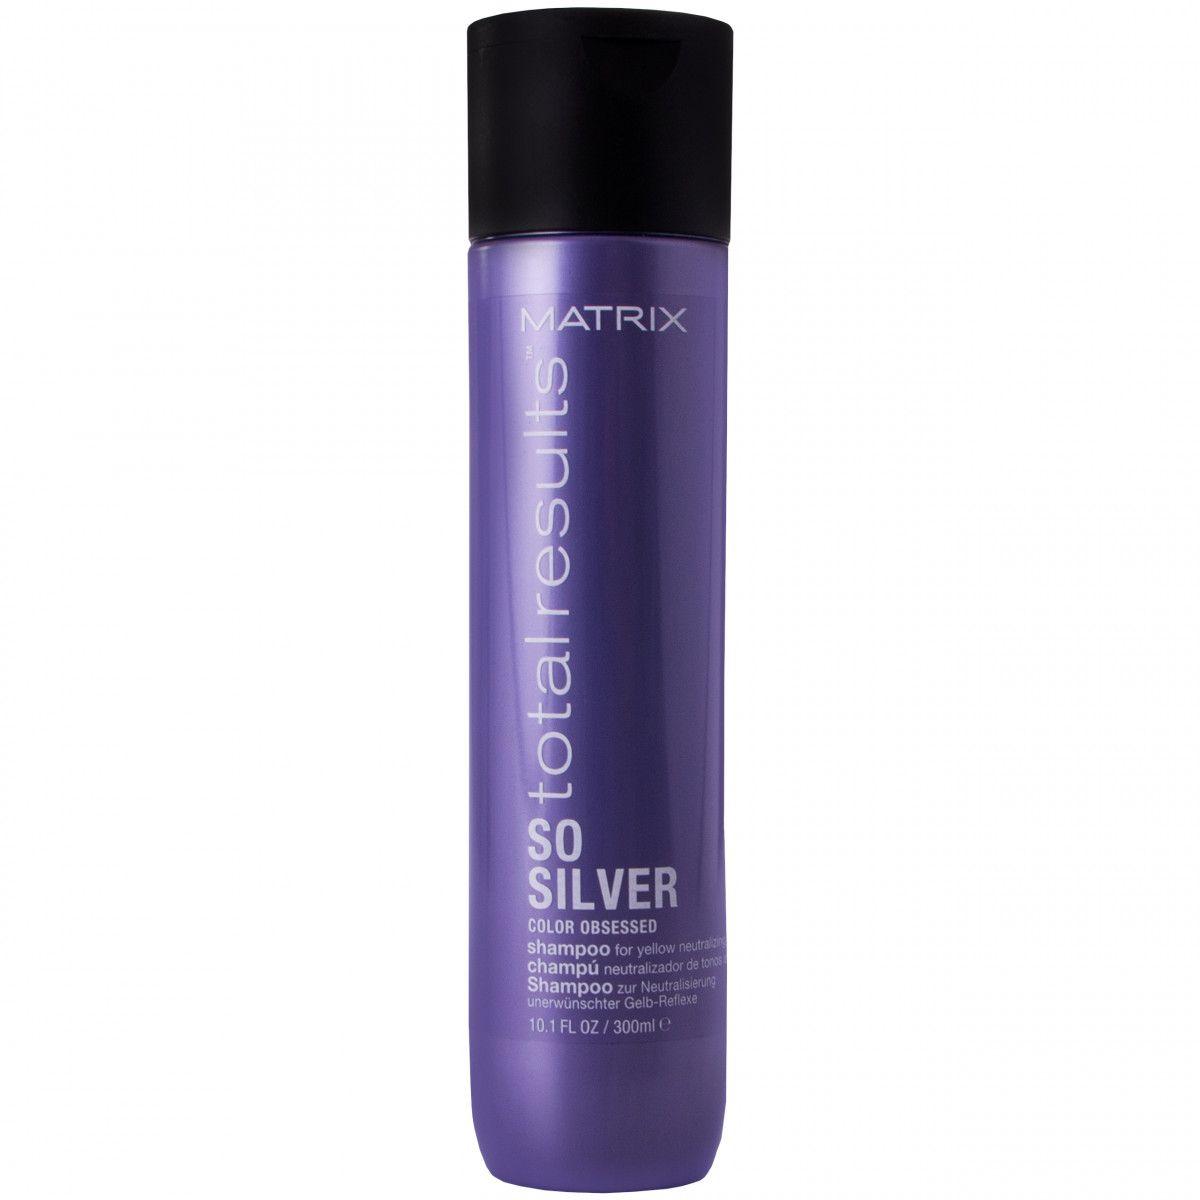 Matrix Color Obsessed Silver Szampon włosów siwych i blond 300 ml